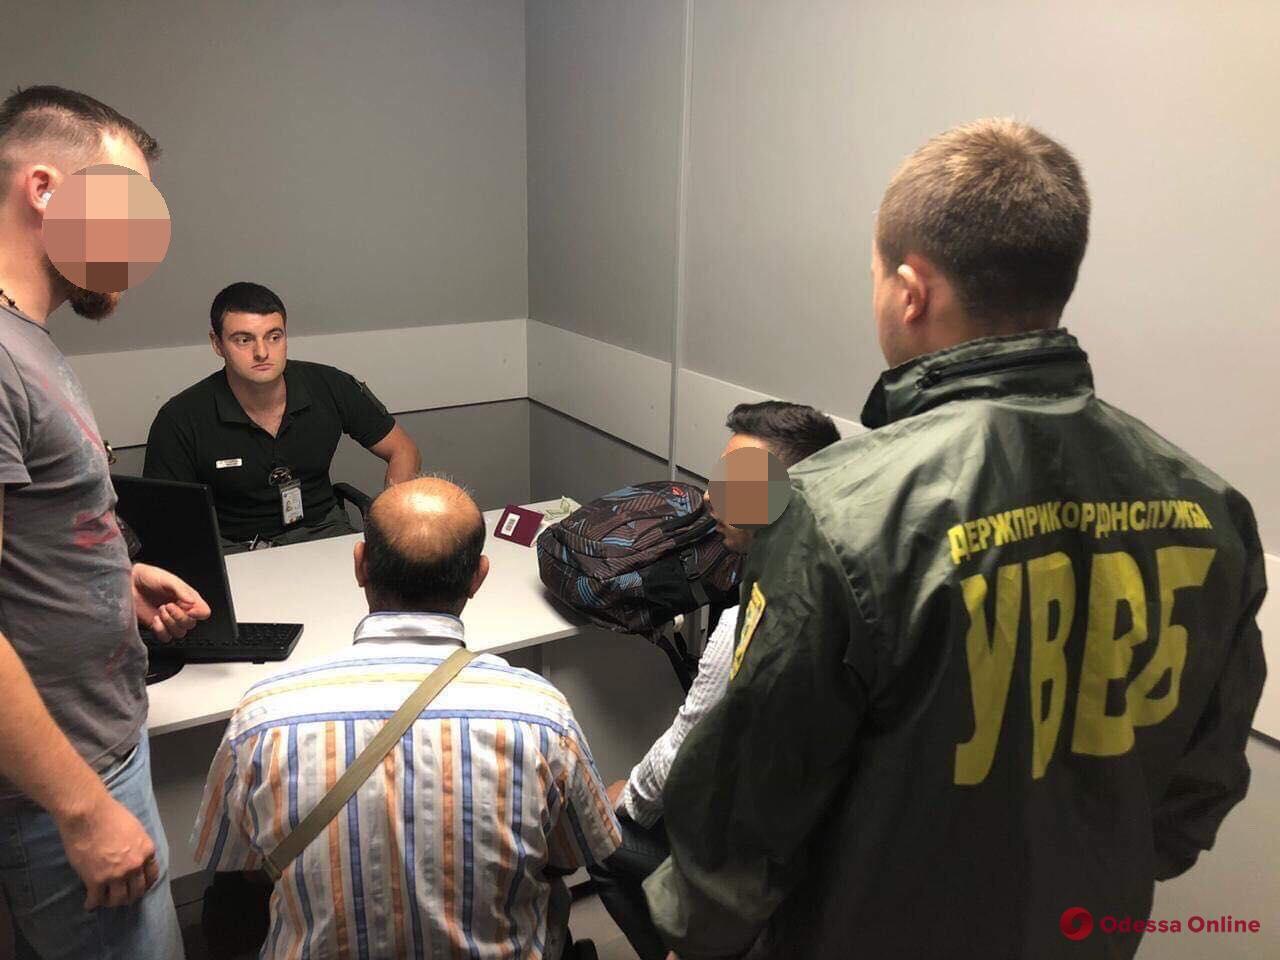 В Одесском аэропорту двое иностранцев пытались подкупить пограничника